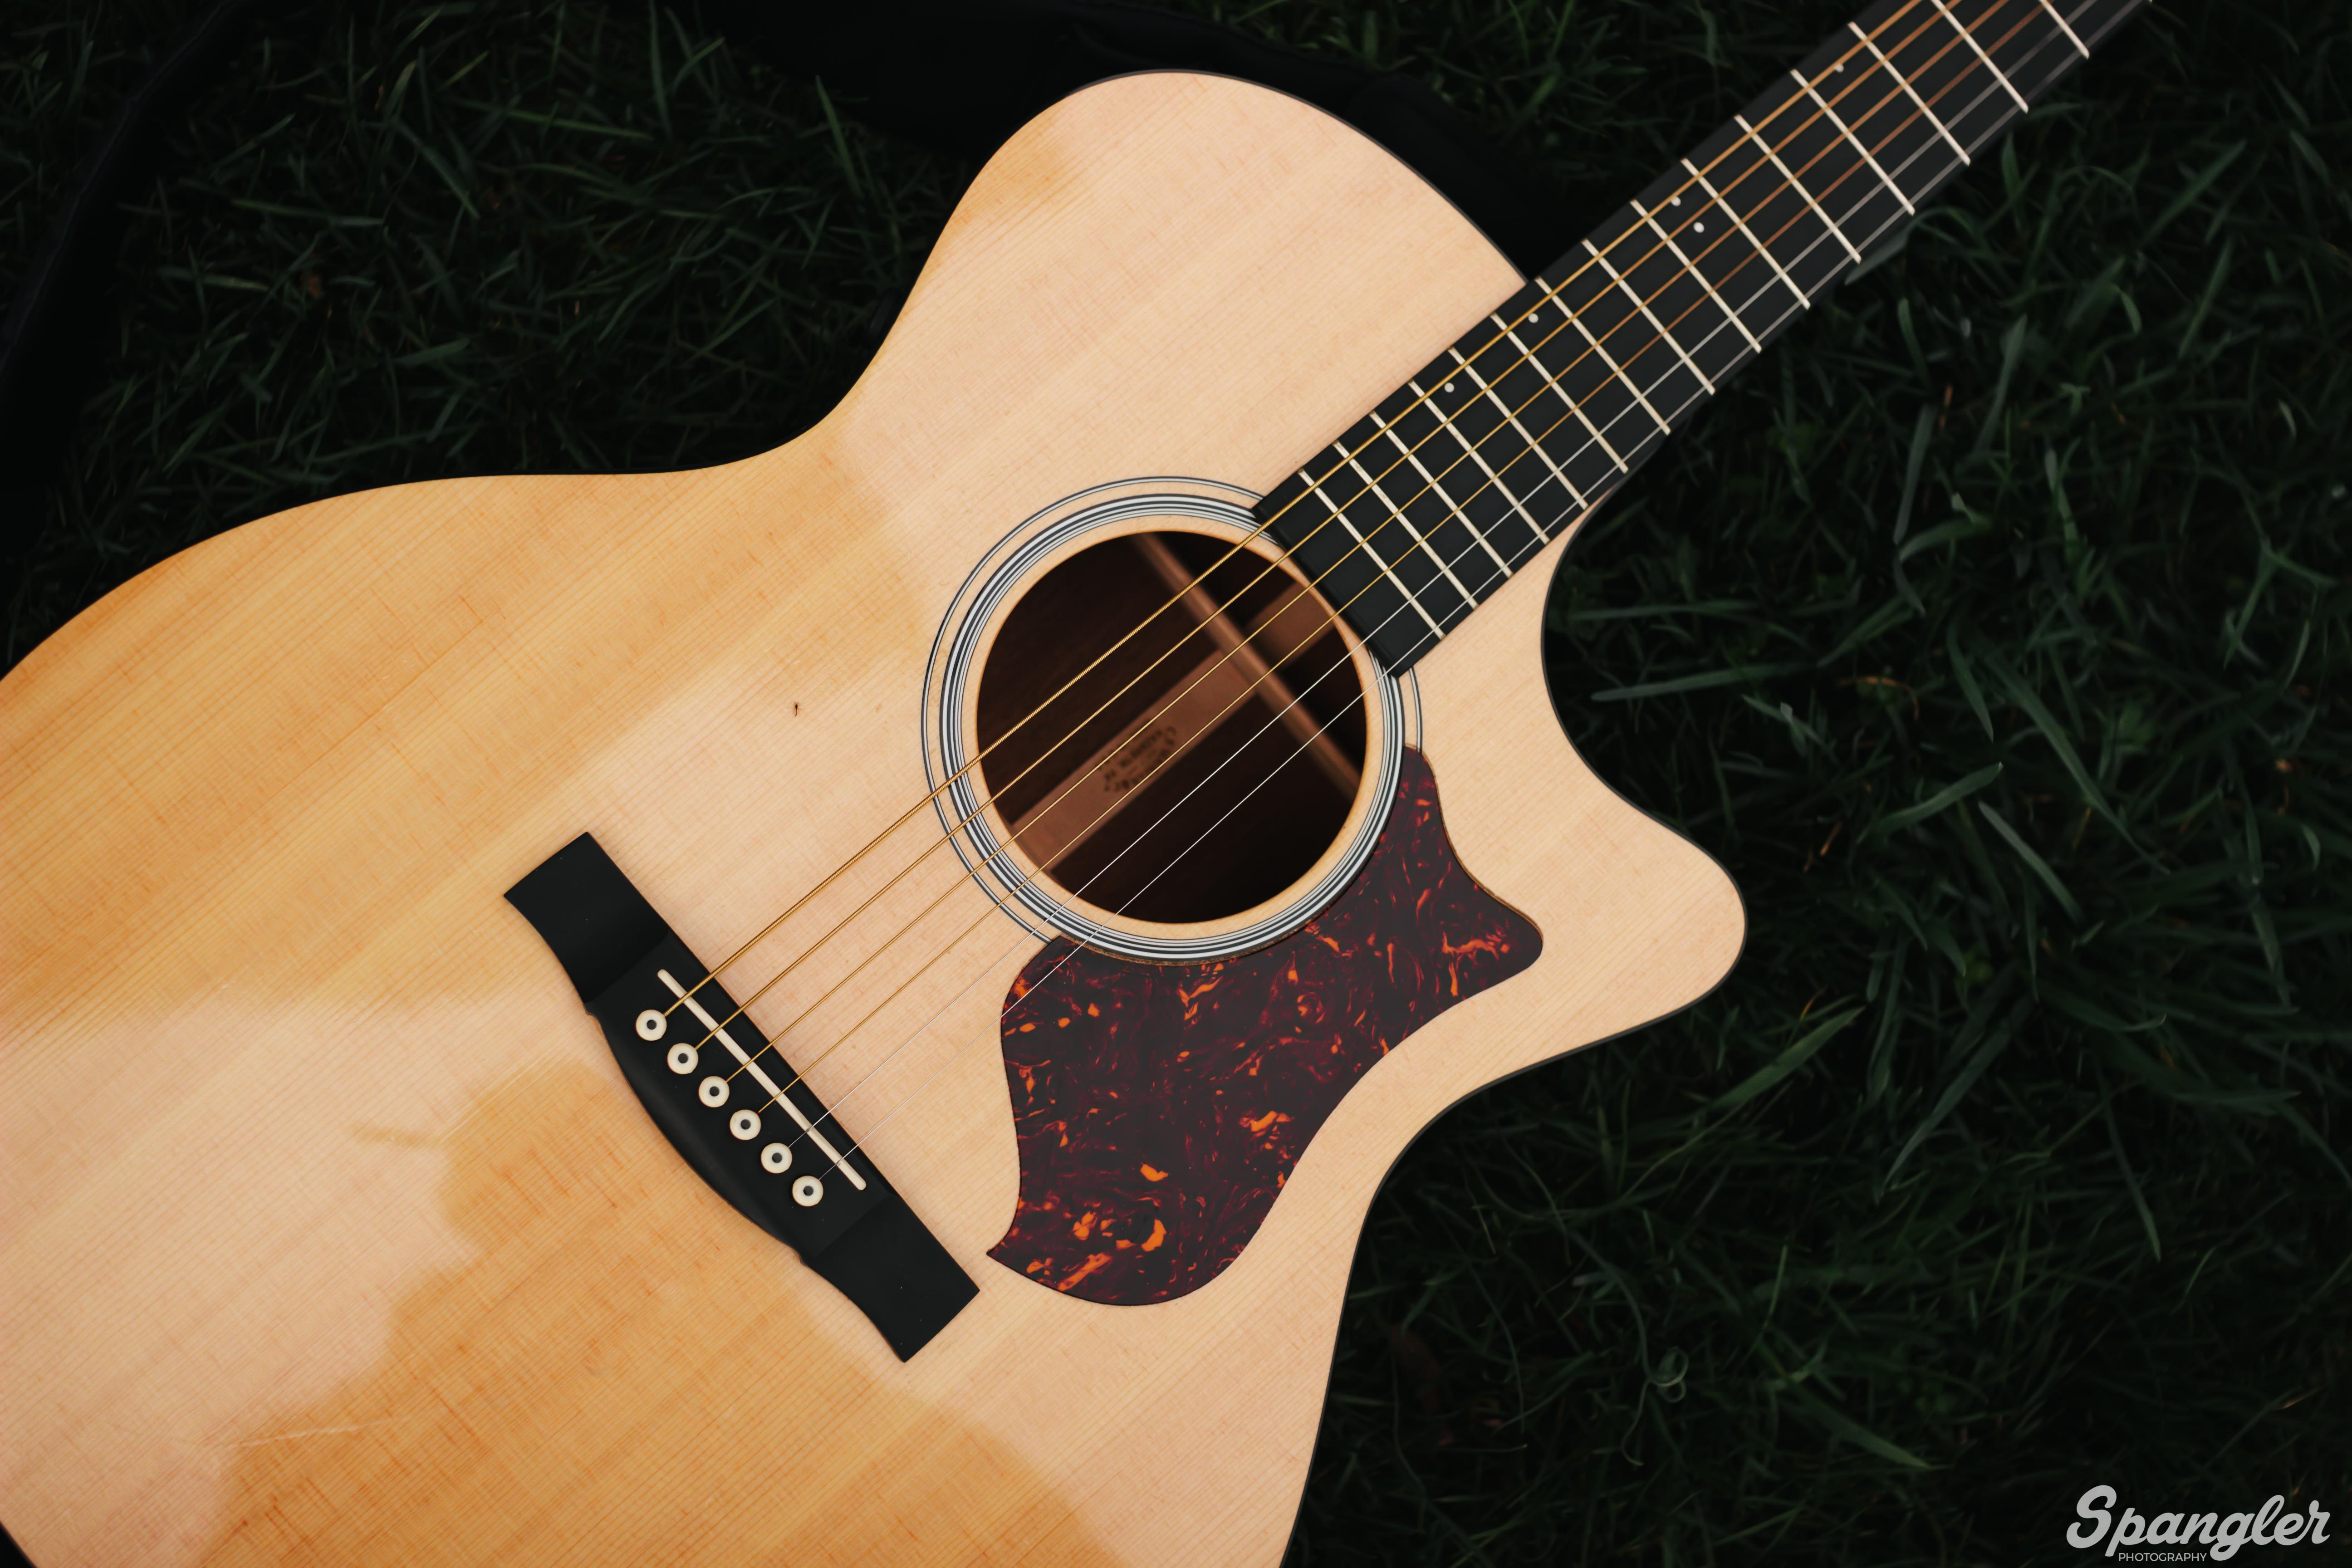 145949 Salvapantallas y fondos de pantalla Música en tu teléfono. Descarga imágenes de Música, Guitarra, Instrumentos De Cuerda, Instrumento Musical, Madera, De Madera gratis